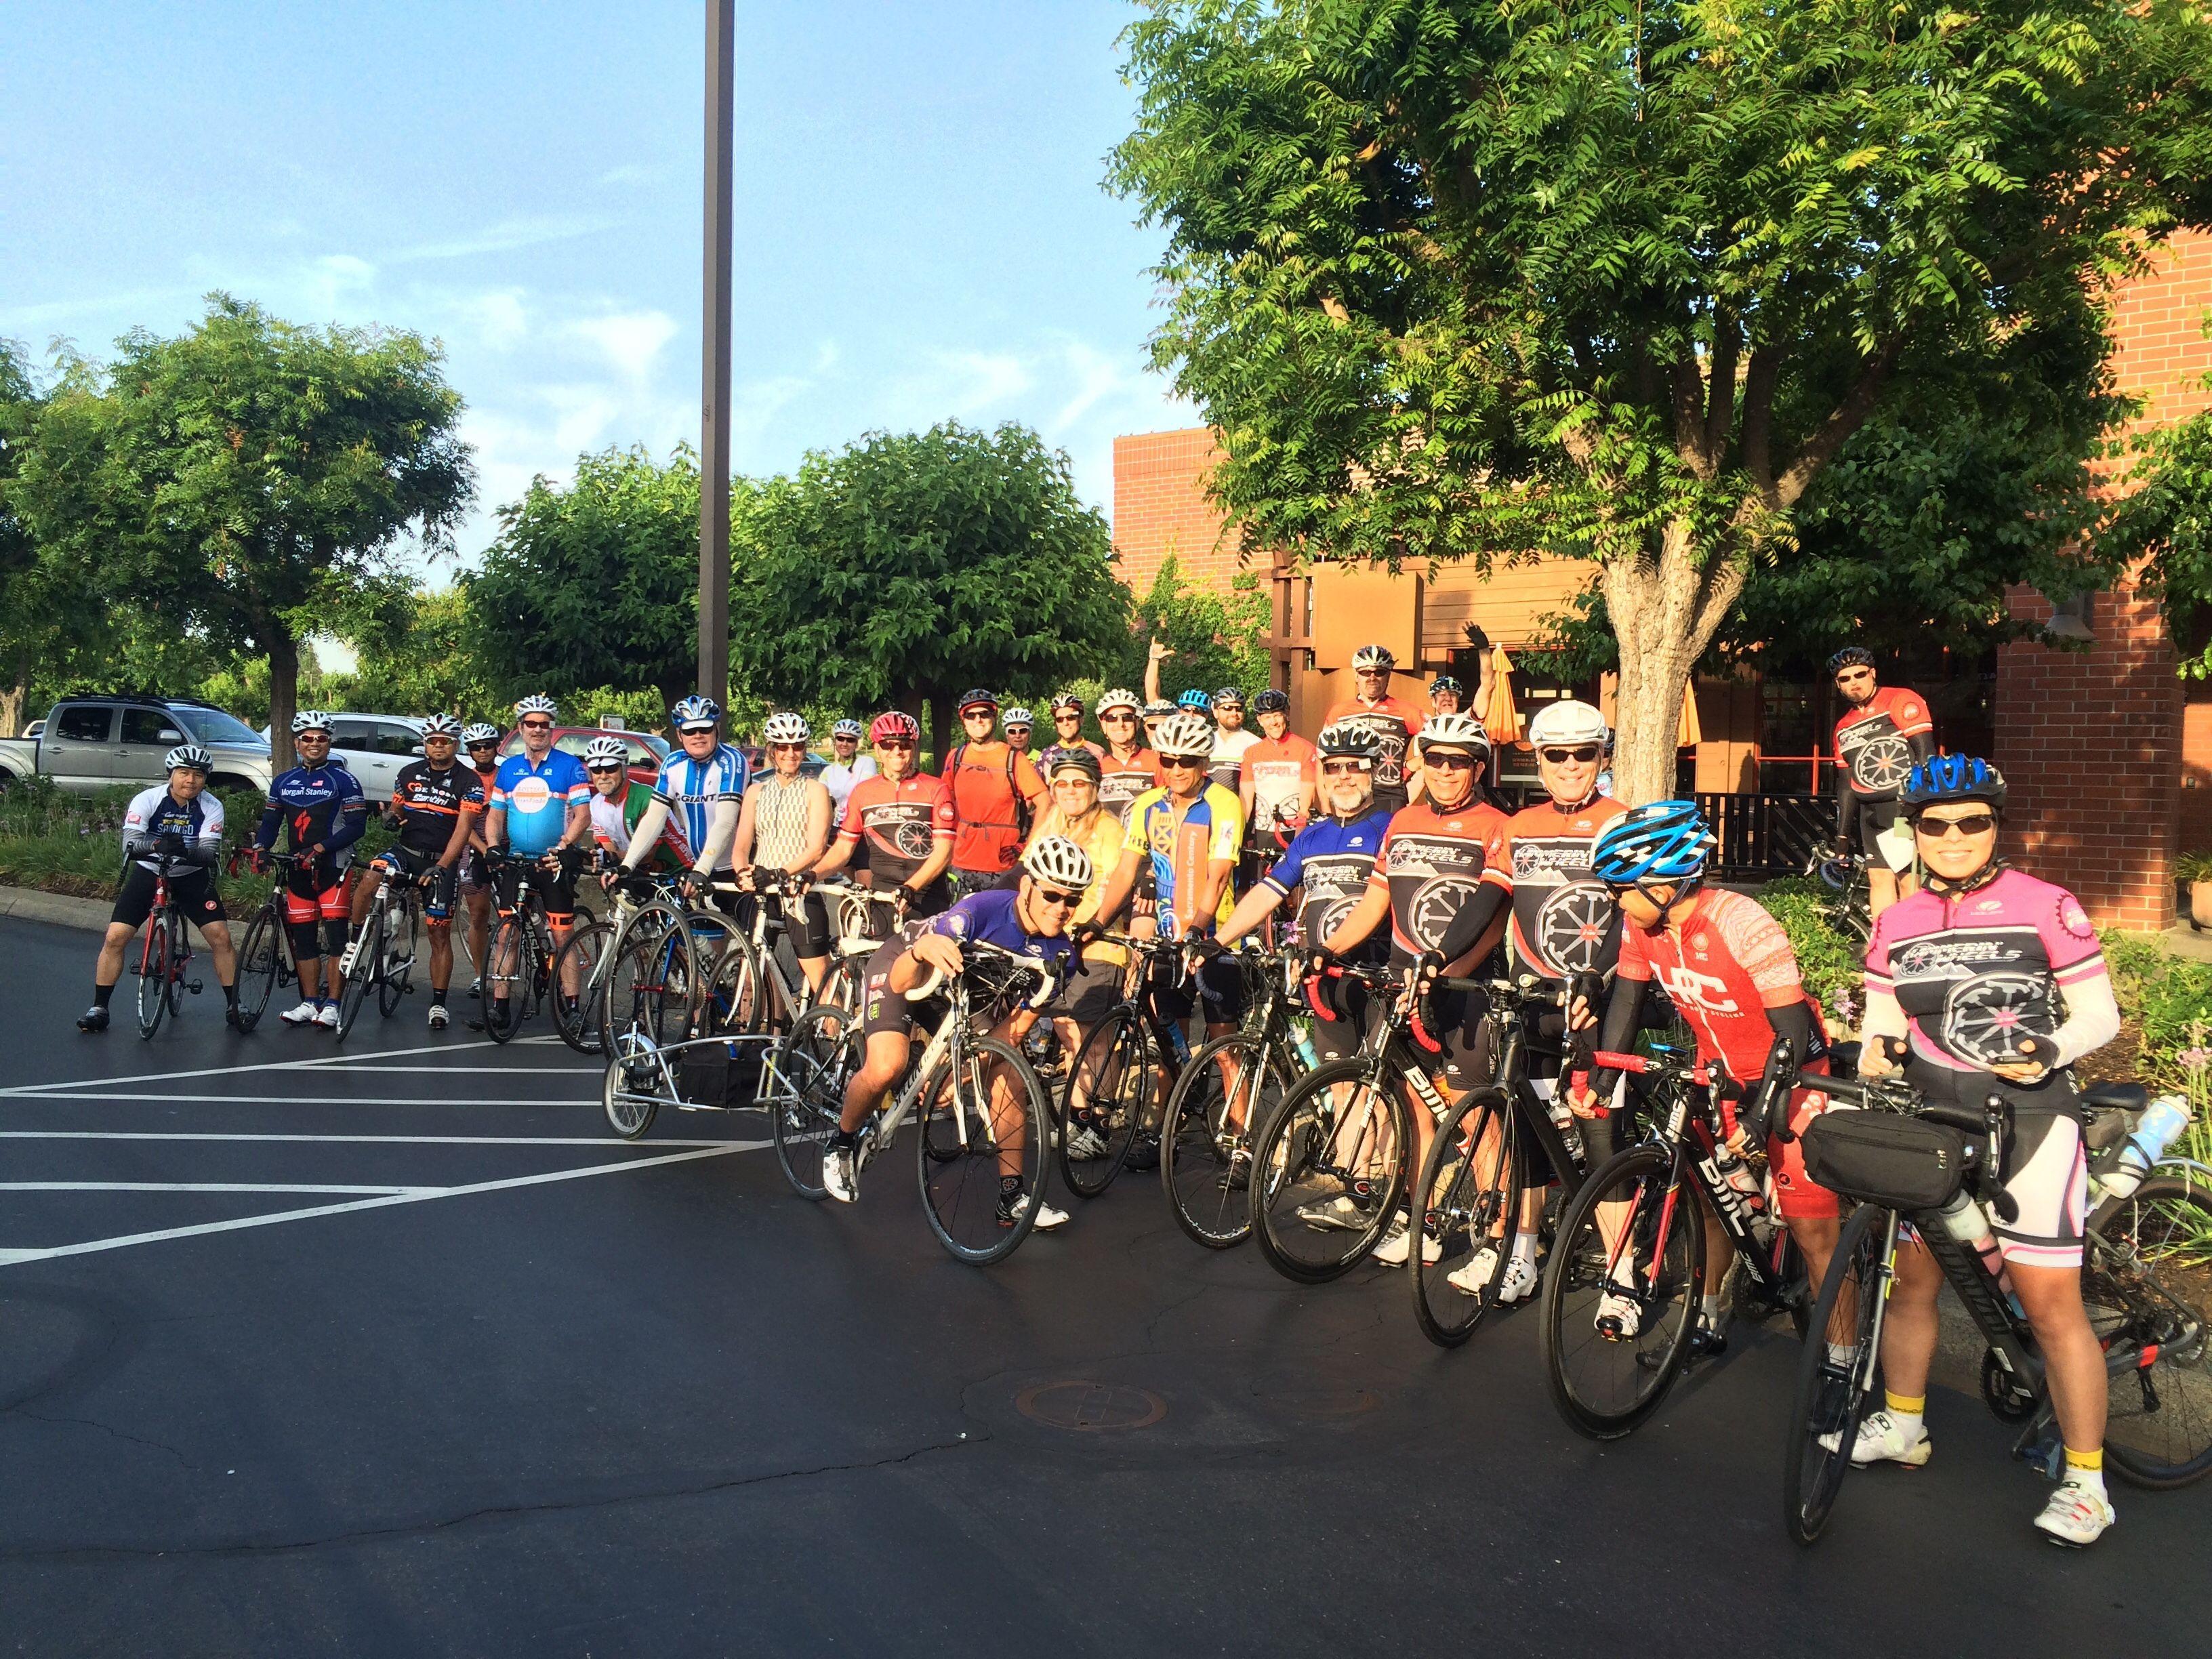 The Hammerin' Wheels Road Bike Club